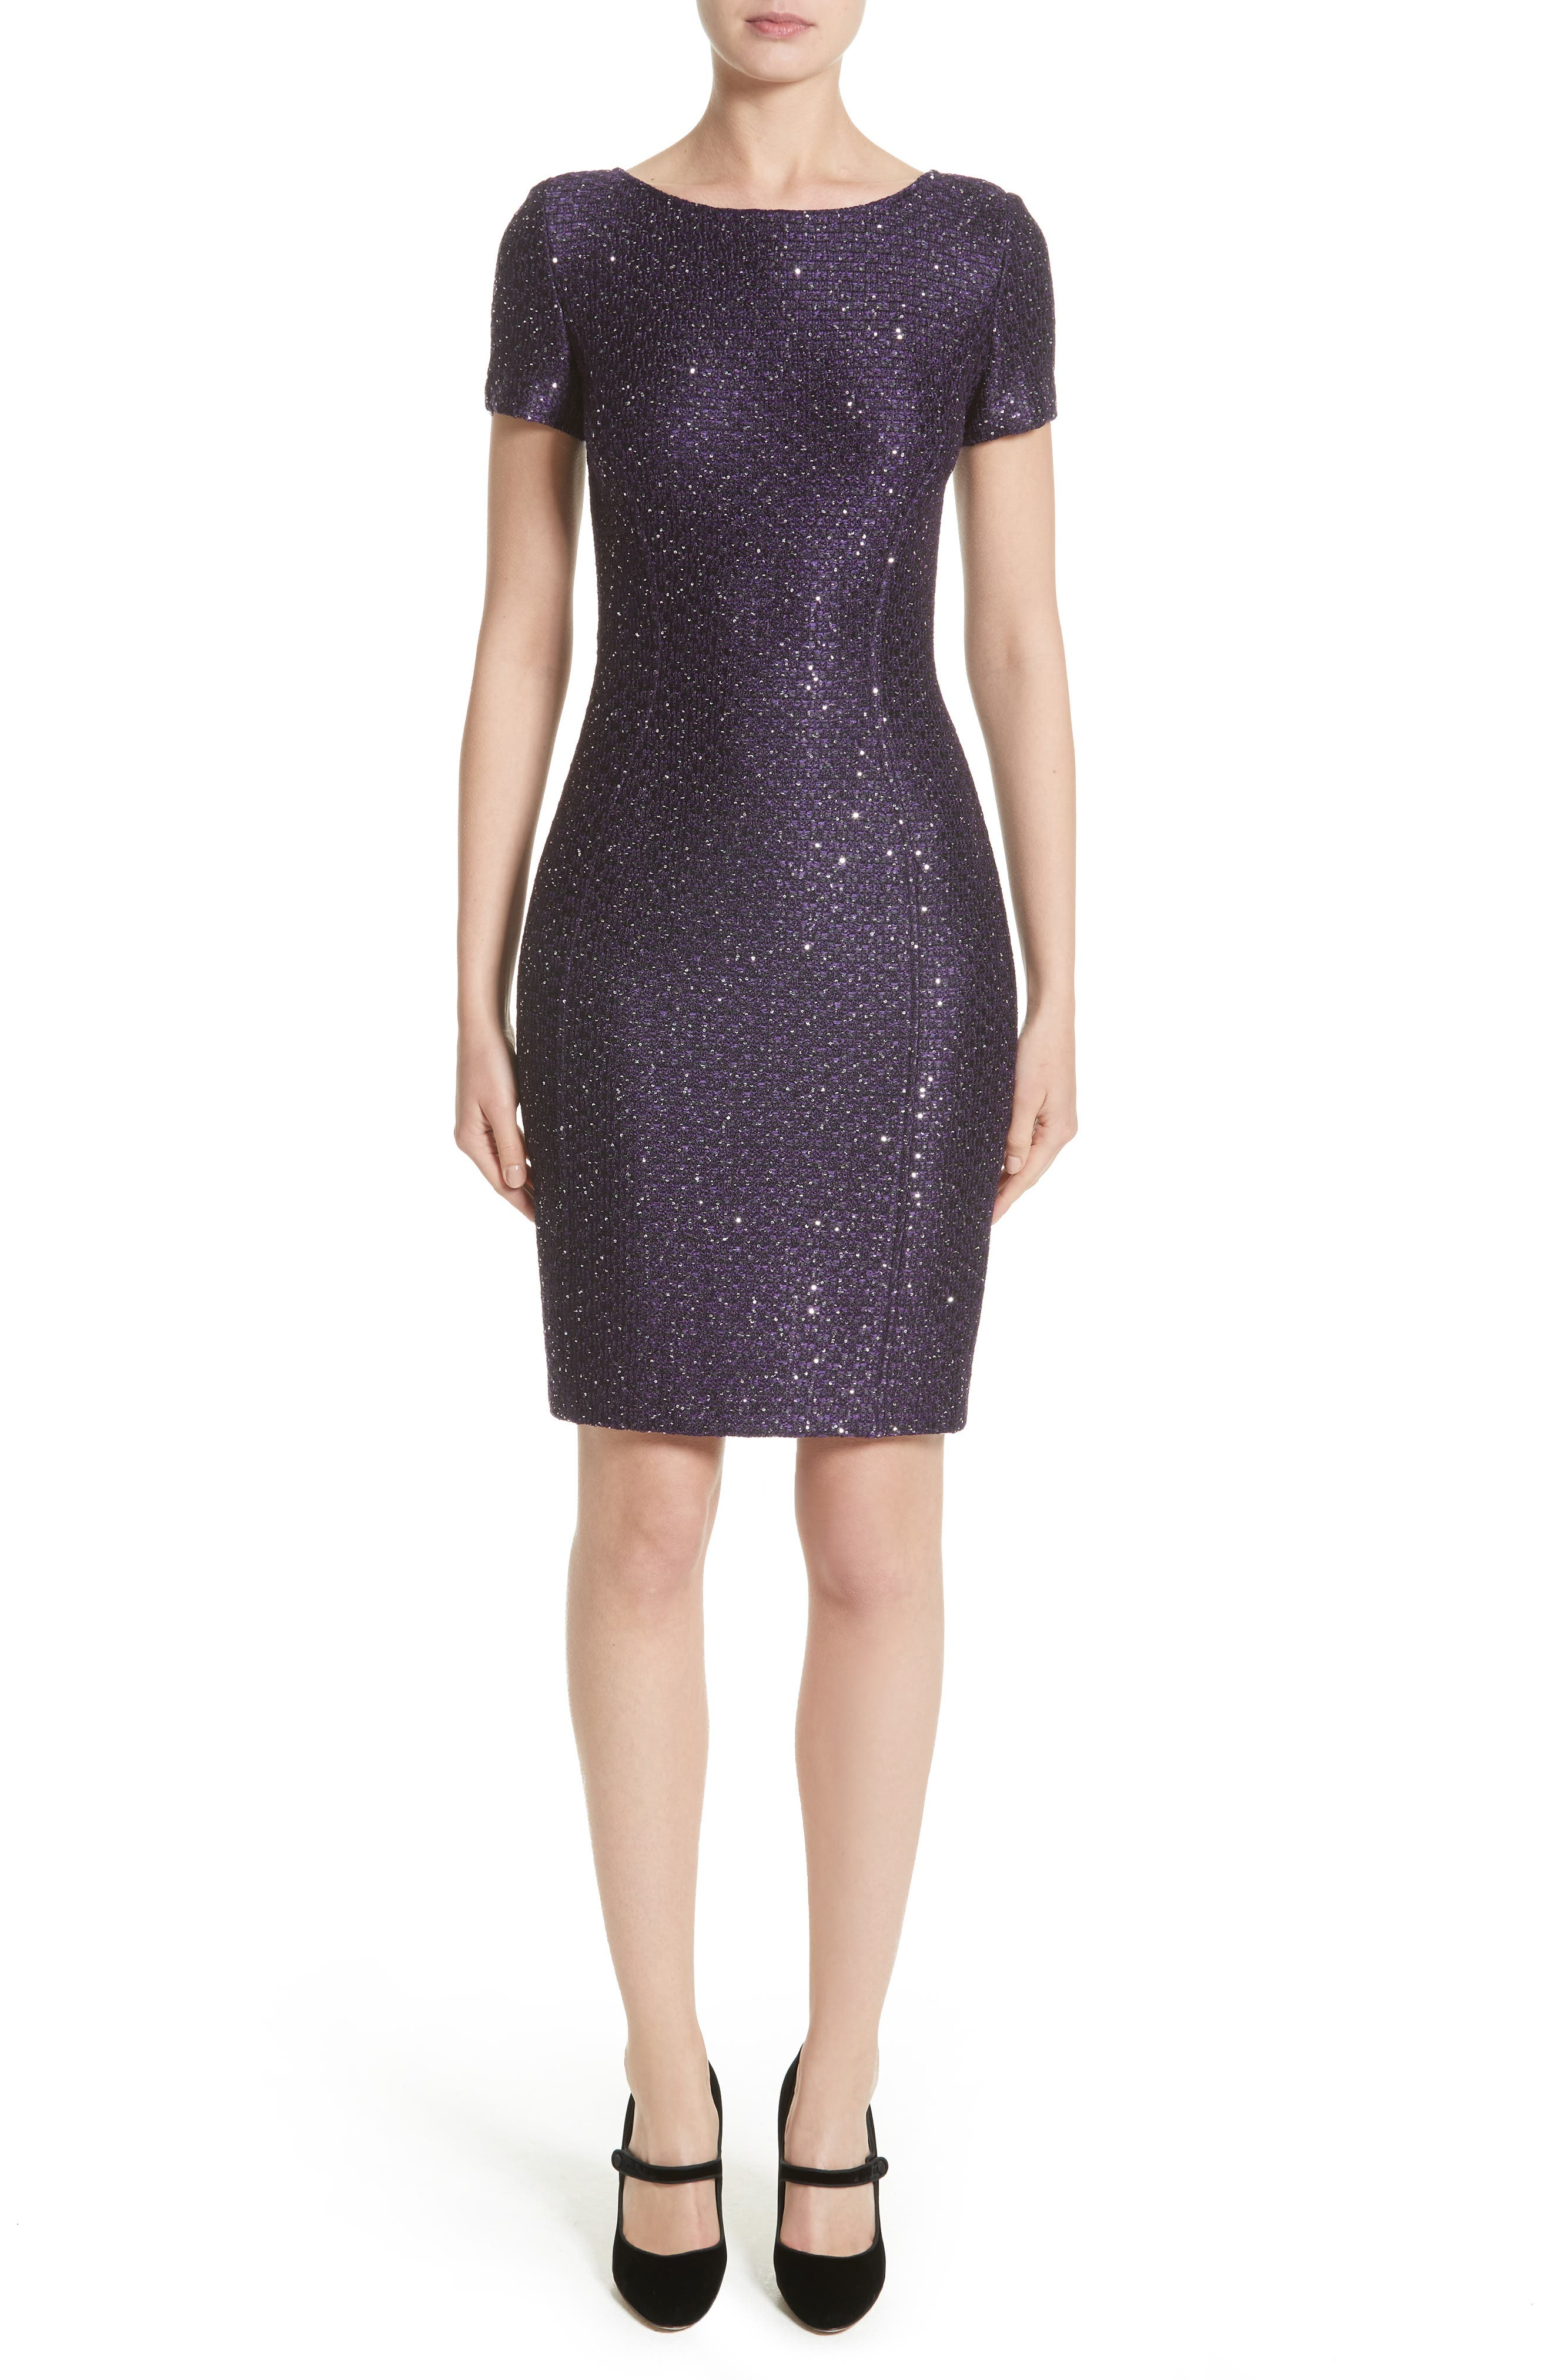 Hansh Sequin Knit Dress,                         Main,                         color, 500